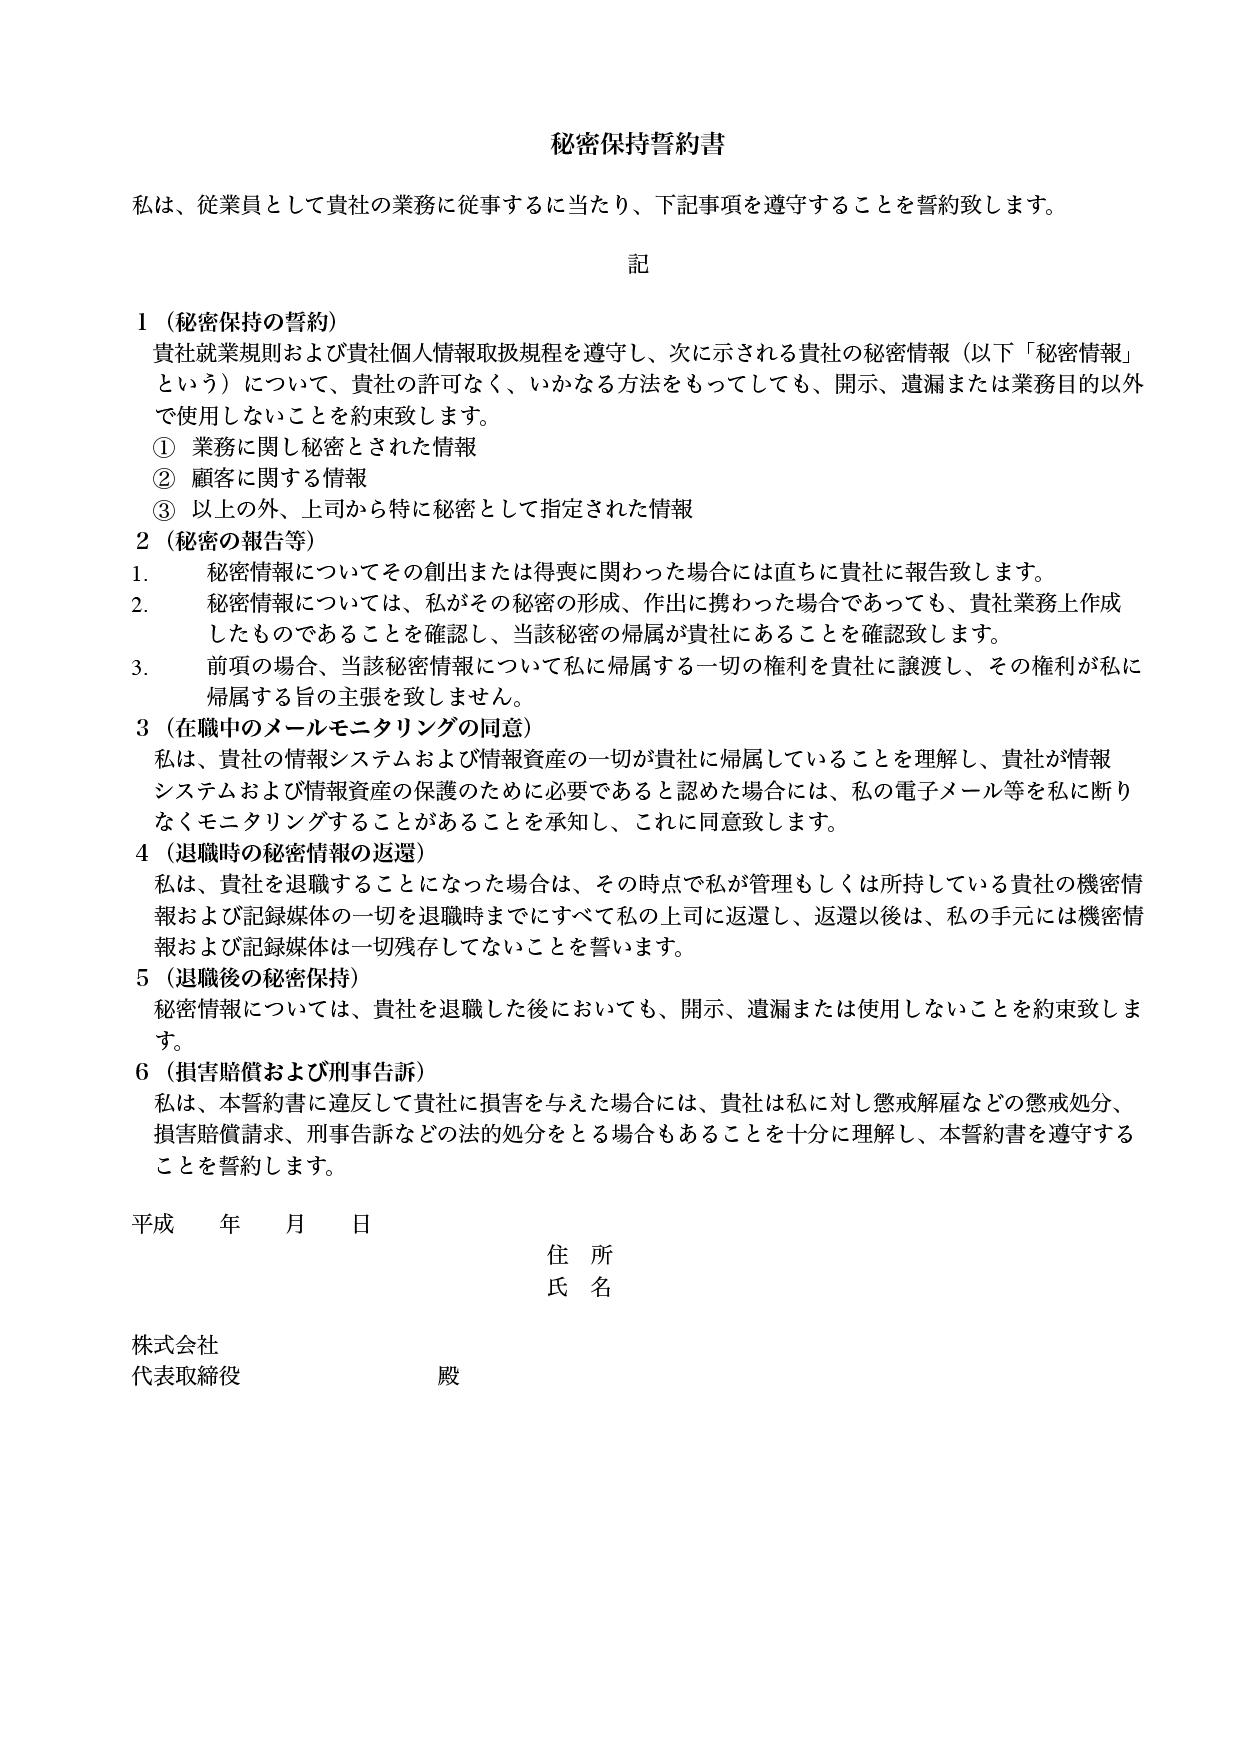 秘密保持誓約書テンプレート_NDA(ワード・ページズ)